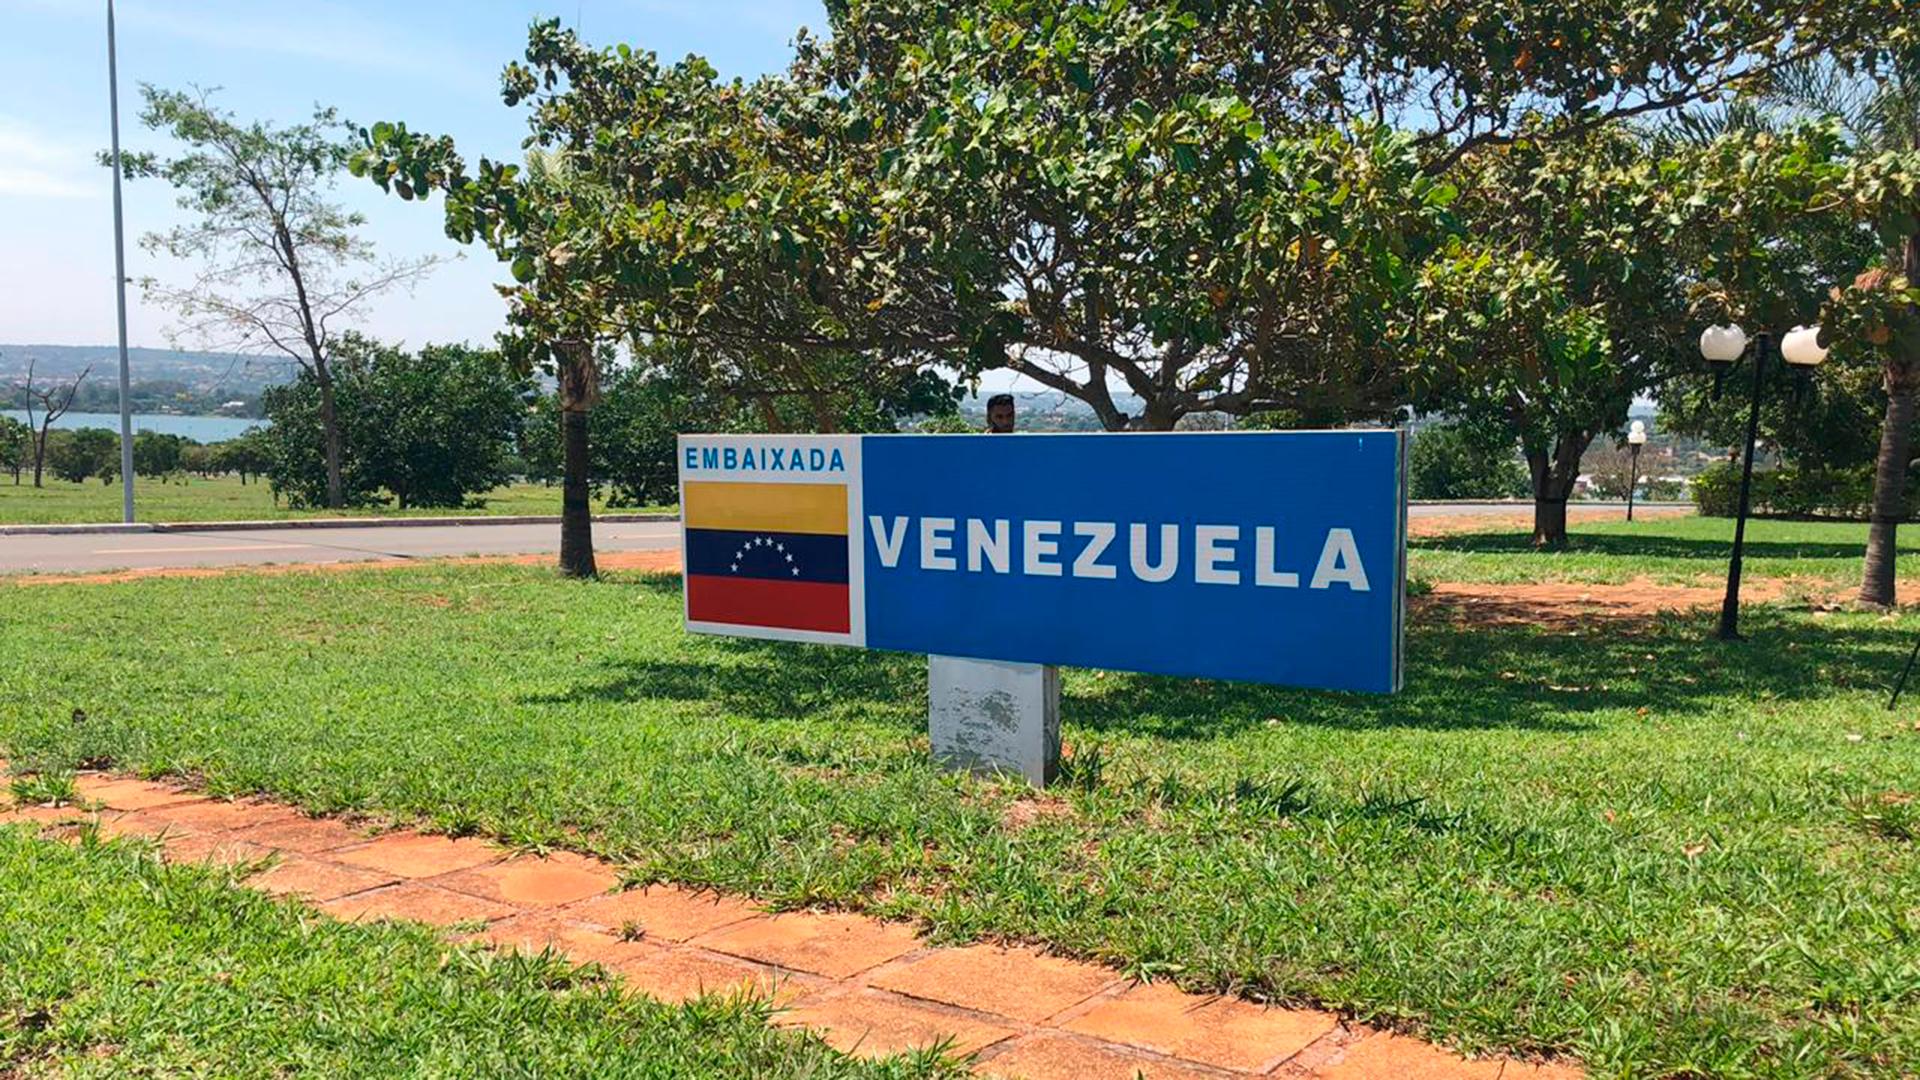 La entrada de la sede diplomática venezolana en Brasilia